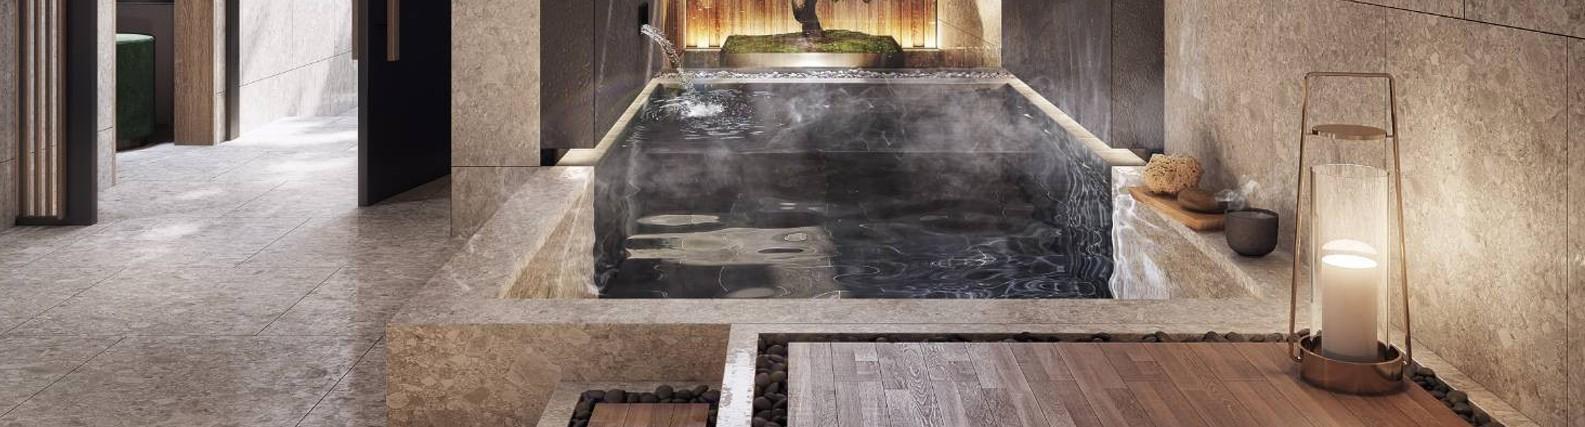 onsen-cold-plunge